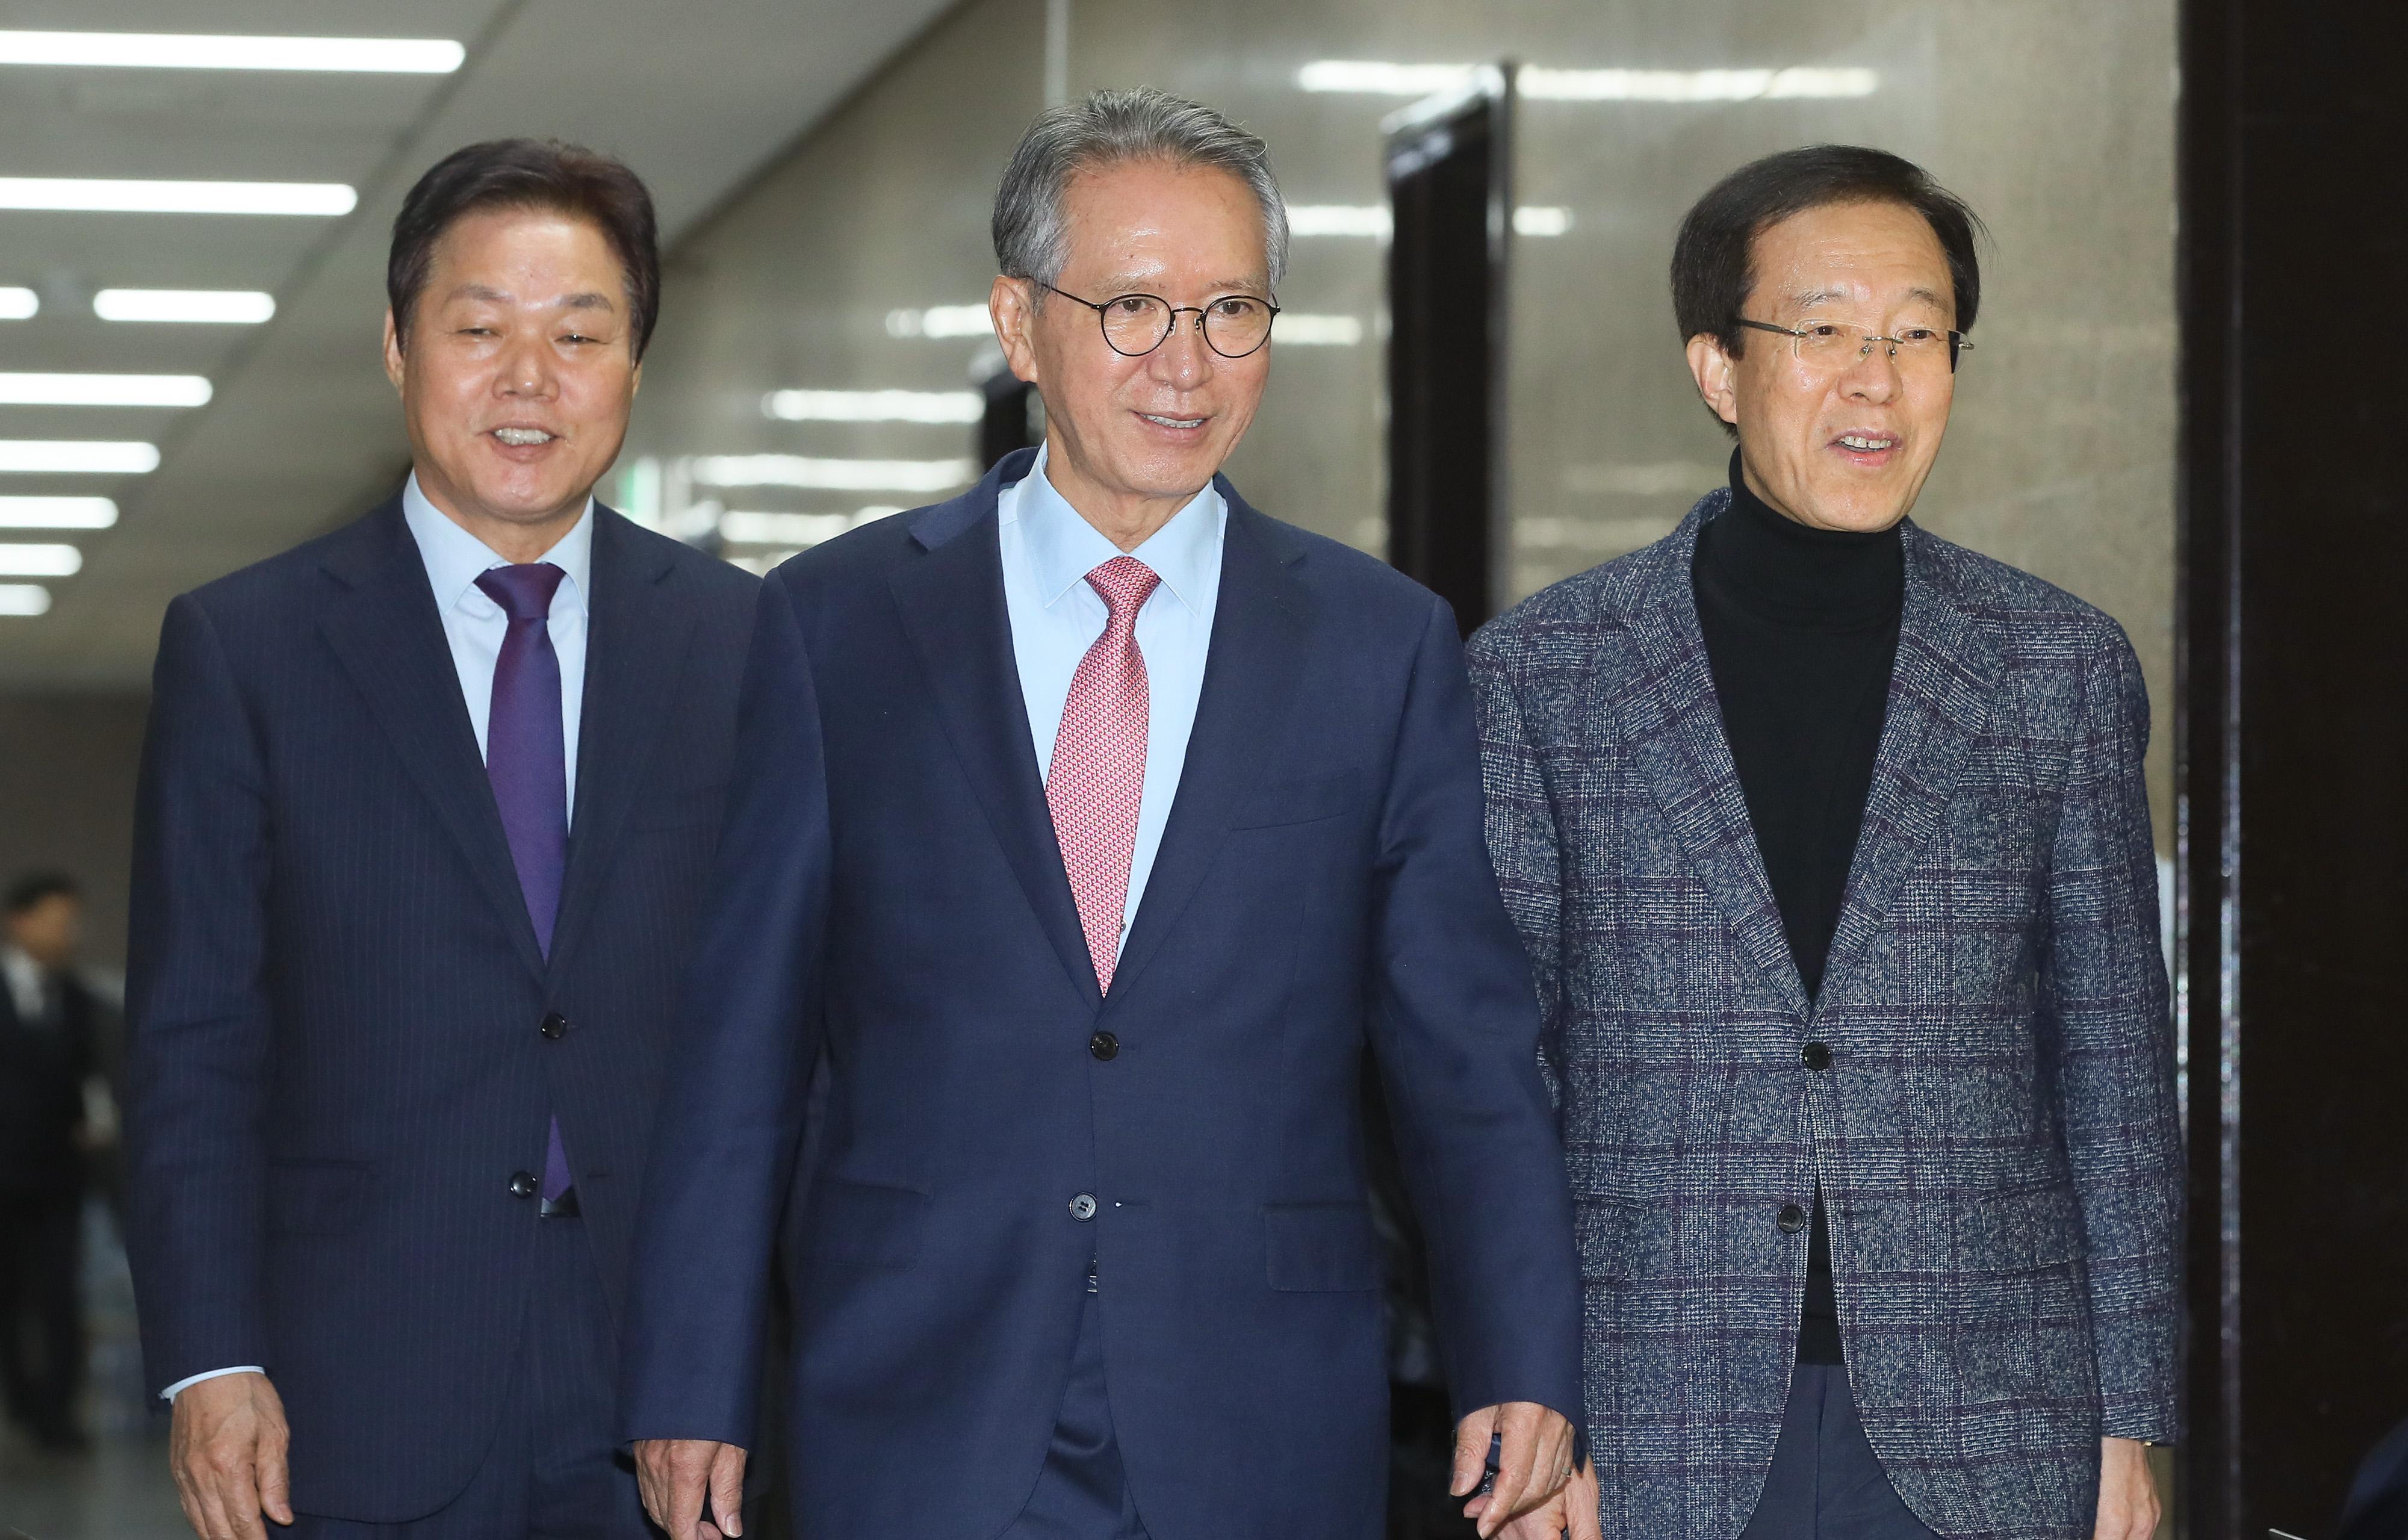 공천관리 회의 입장하는 한국당 위원들